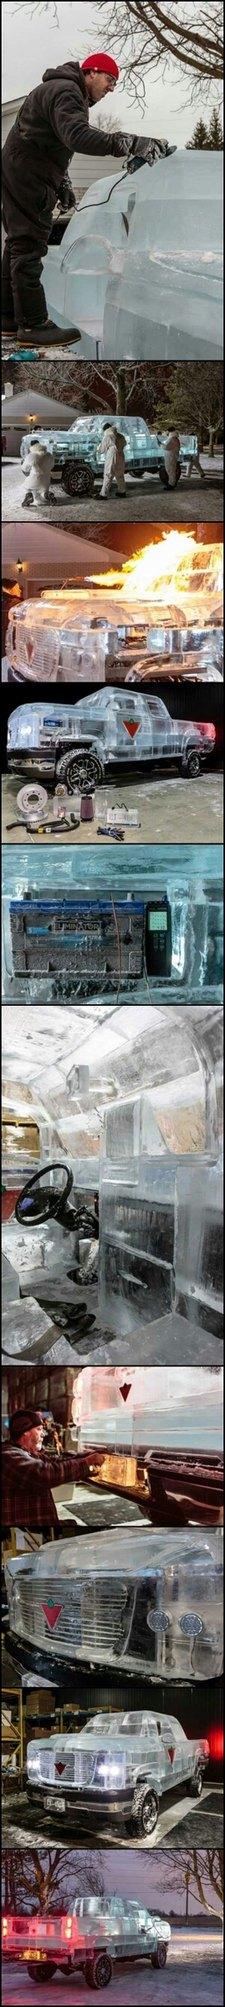 carro de gelo: no Brasil não duraria 1 min.